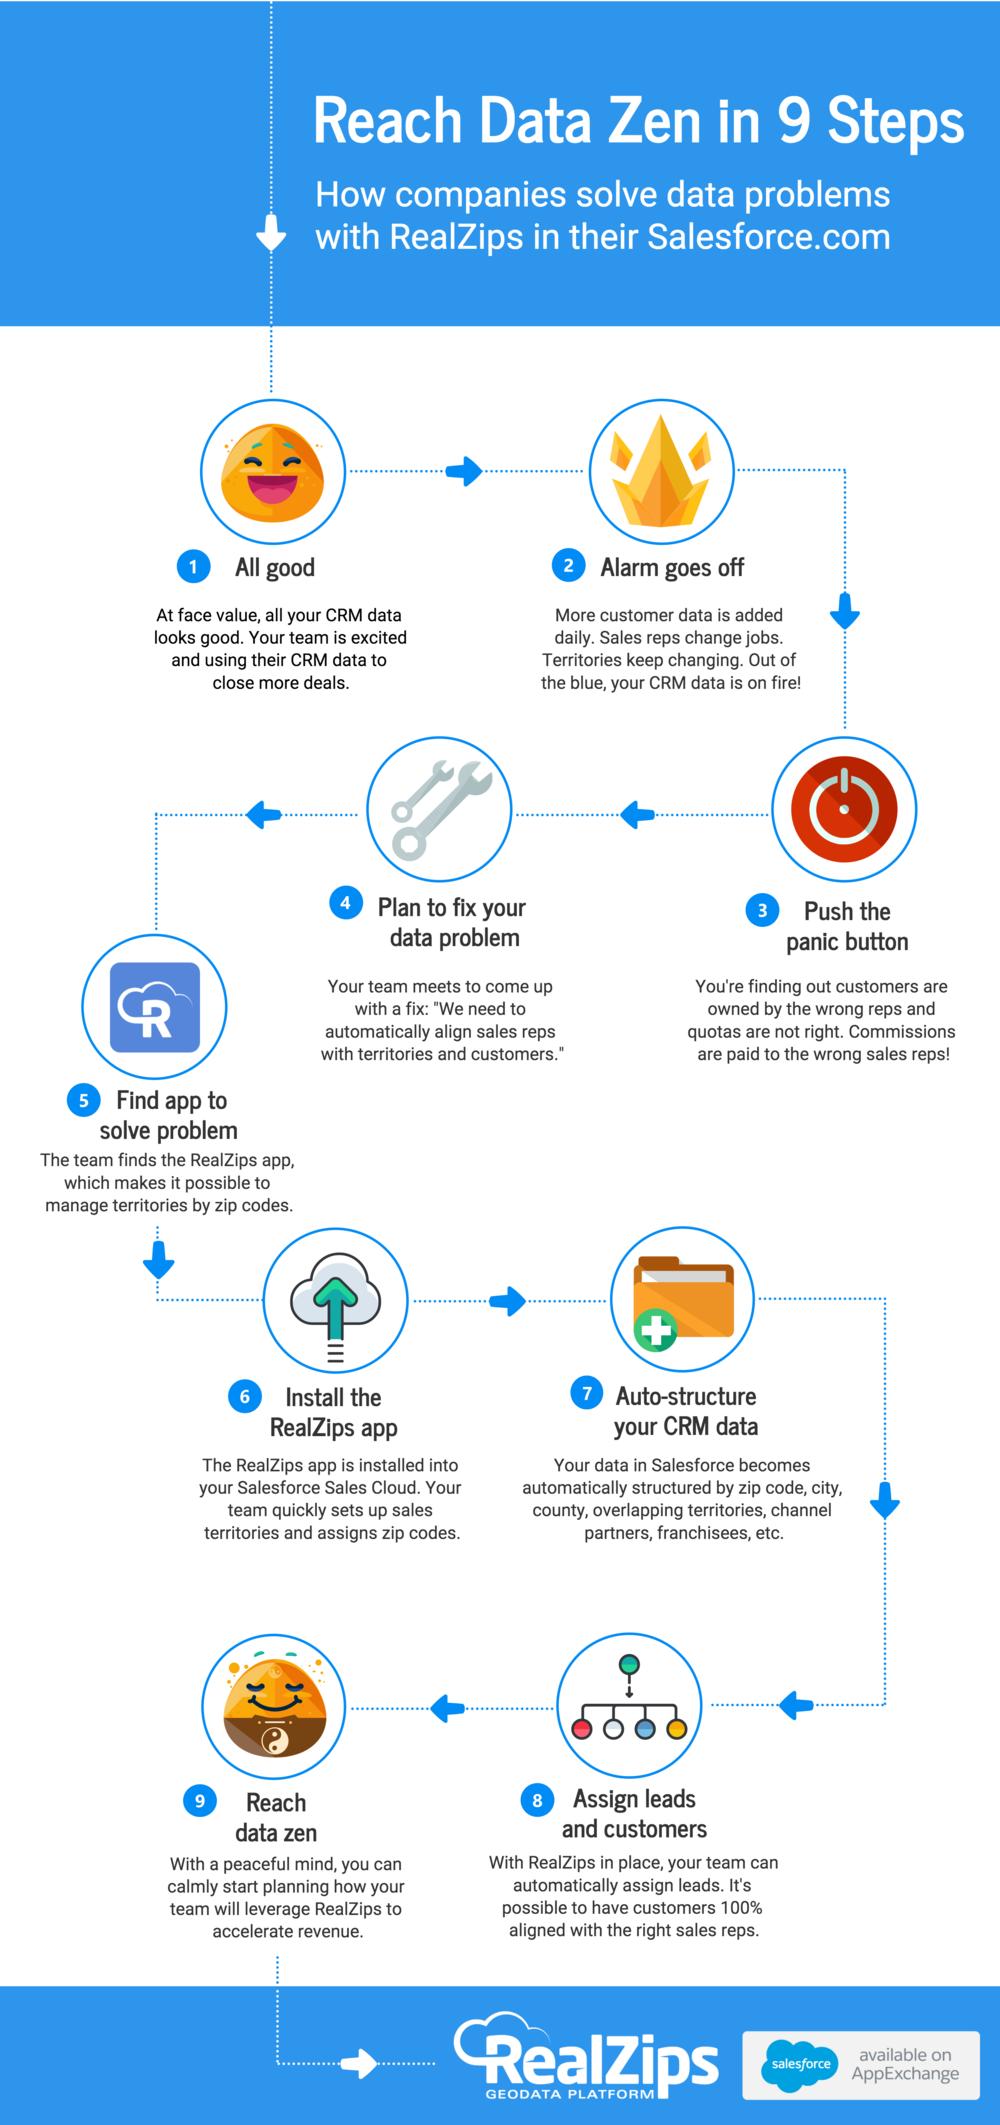 RealZips Reach Data Zen in 9 Steps.png